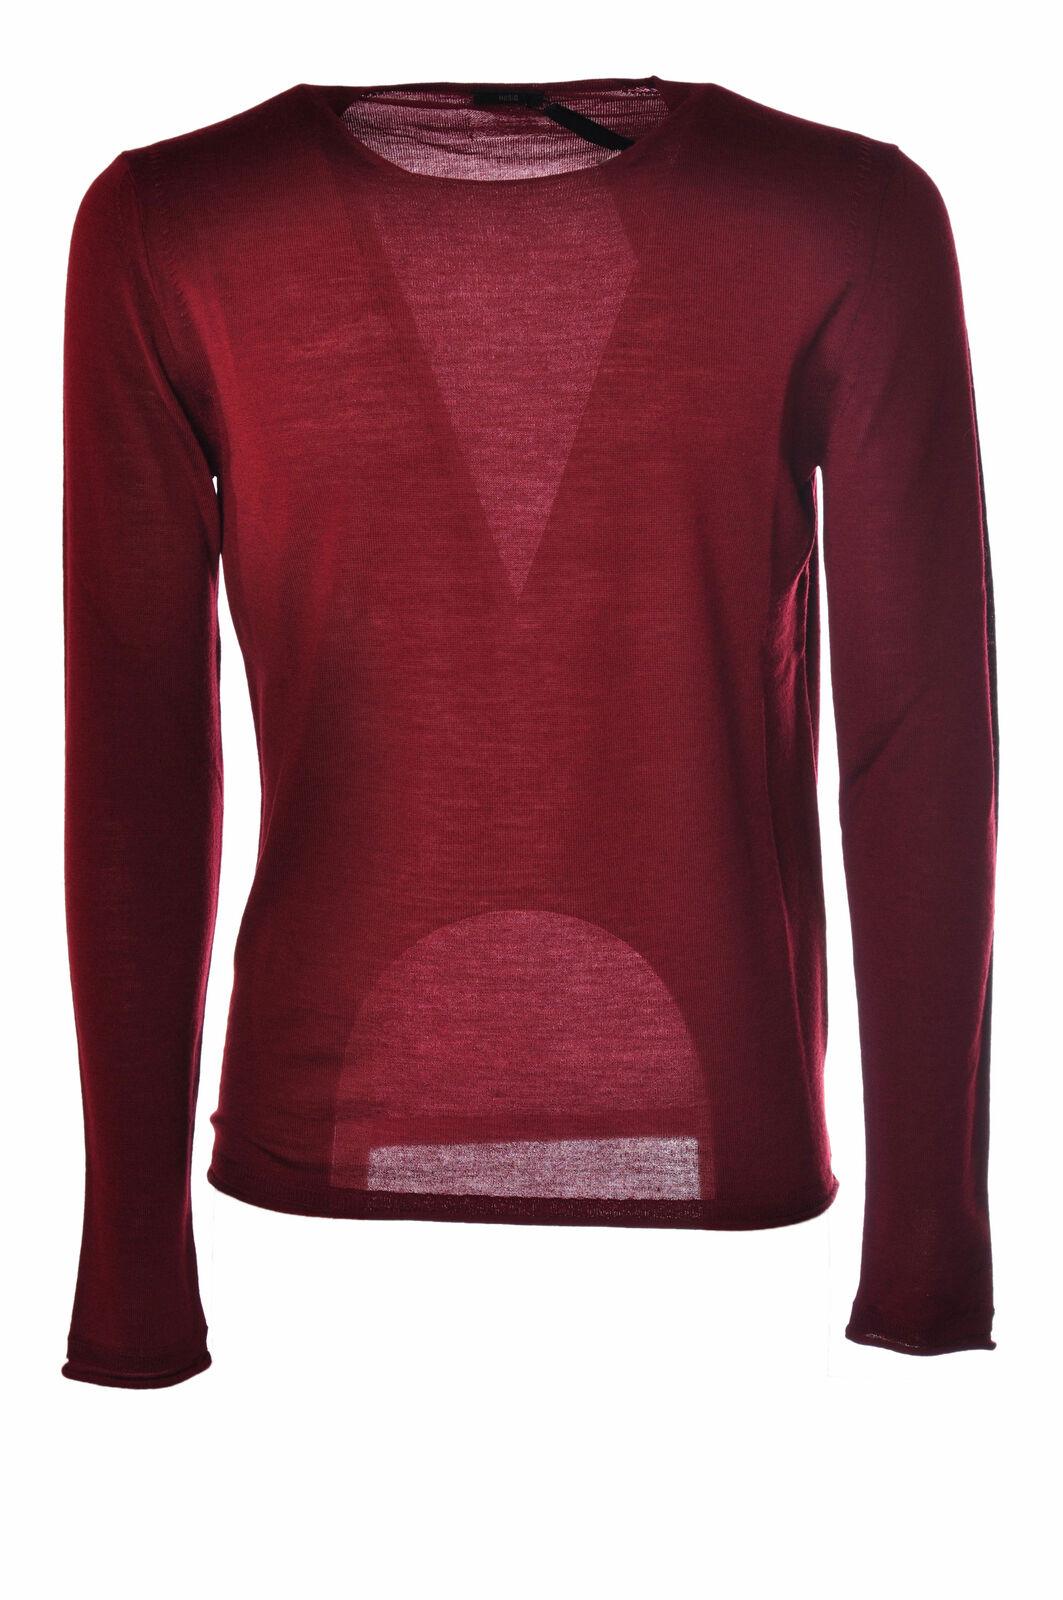 Hosio  -  Sweaters - Male - ROT - 2501026N174845